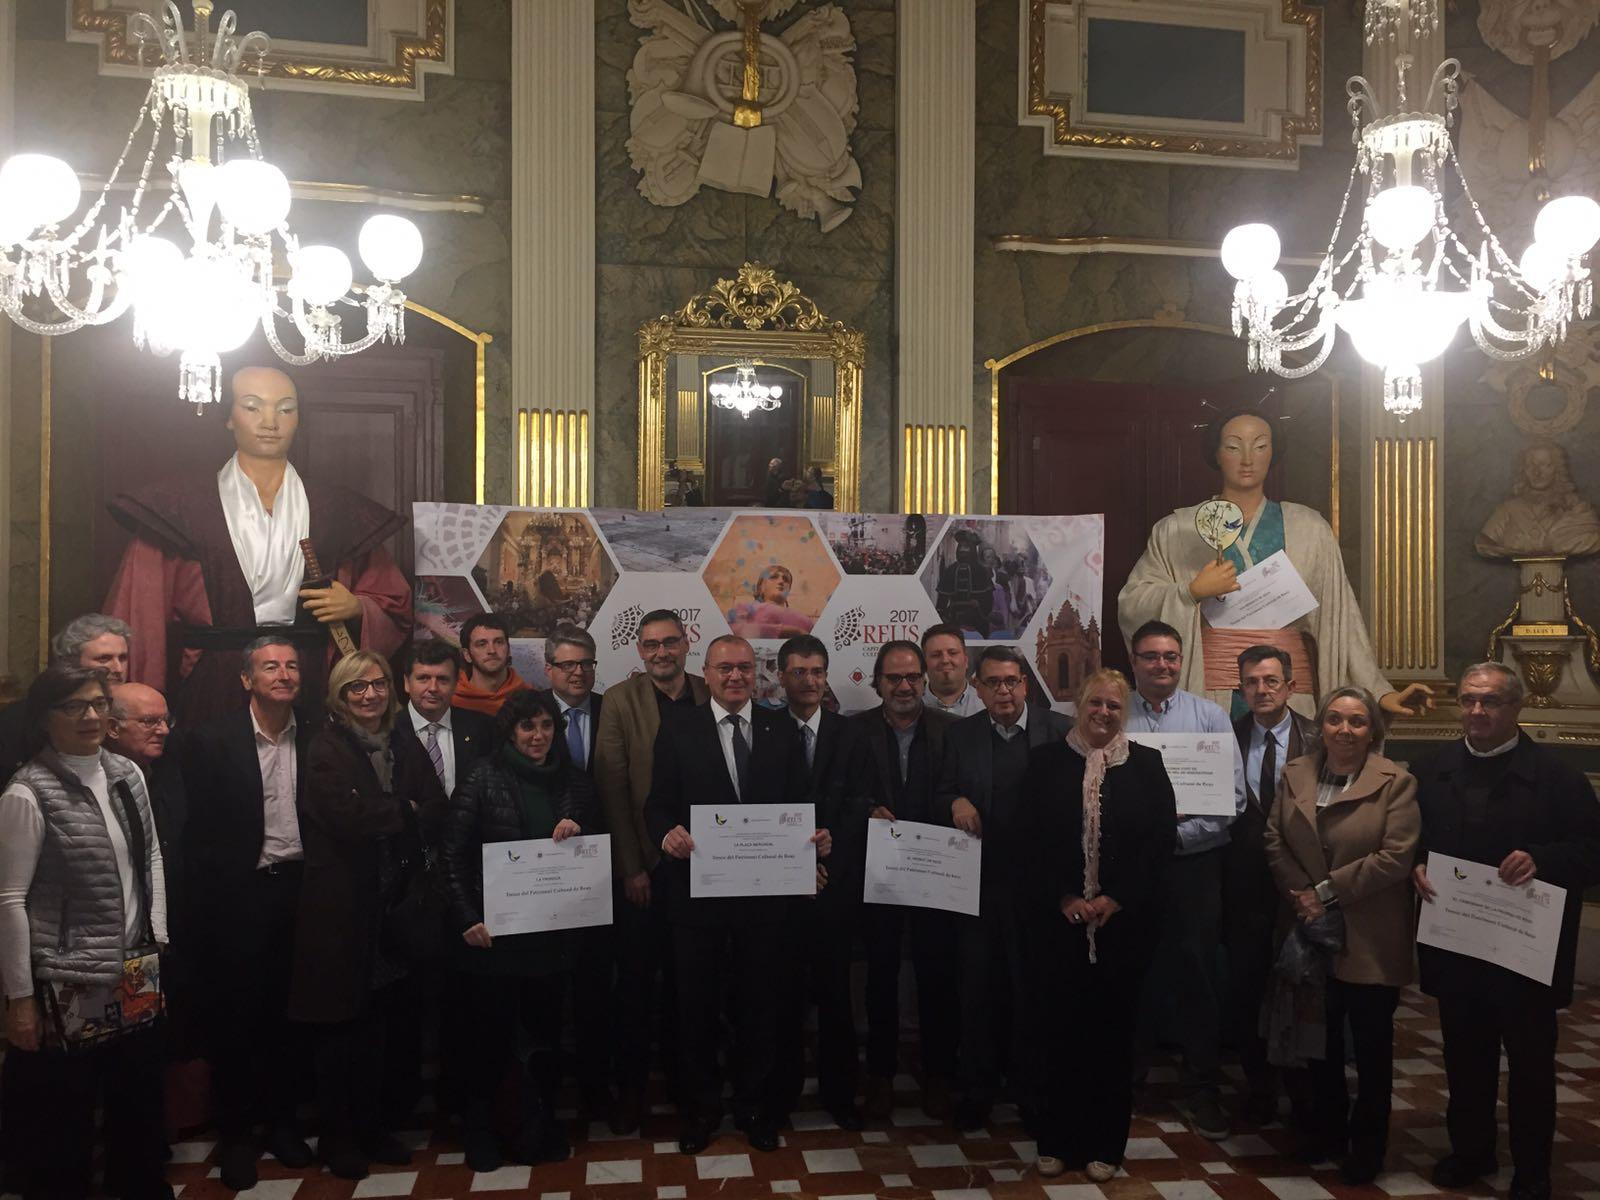 Capitalitat de la Cultura. Acte al Palau Bofarul de Reus (13-12-2016)